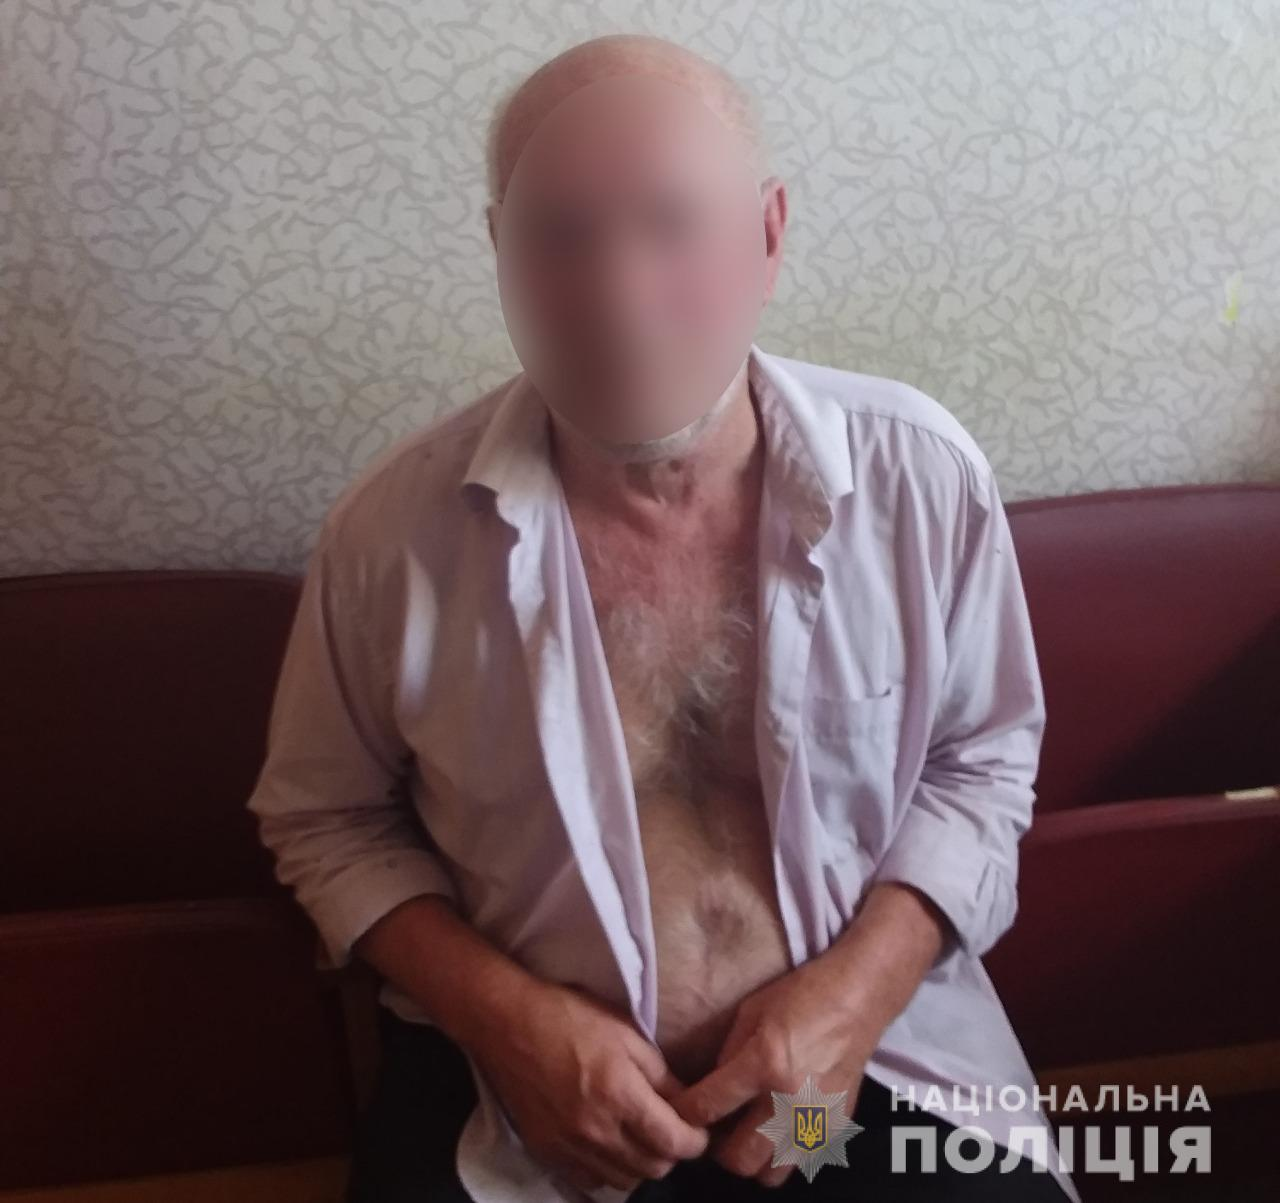 У Таращанському районі пенсіонер застрелив родича: зловмисника затримано - умисне вбивство, Тараща, досудове розслідування - TarashhaVbyvstvo1